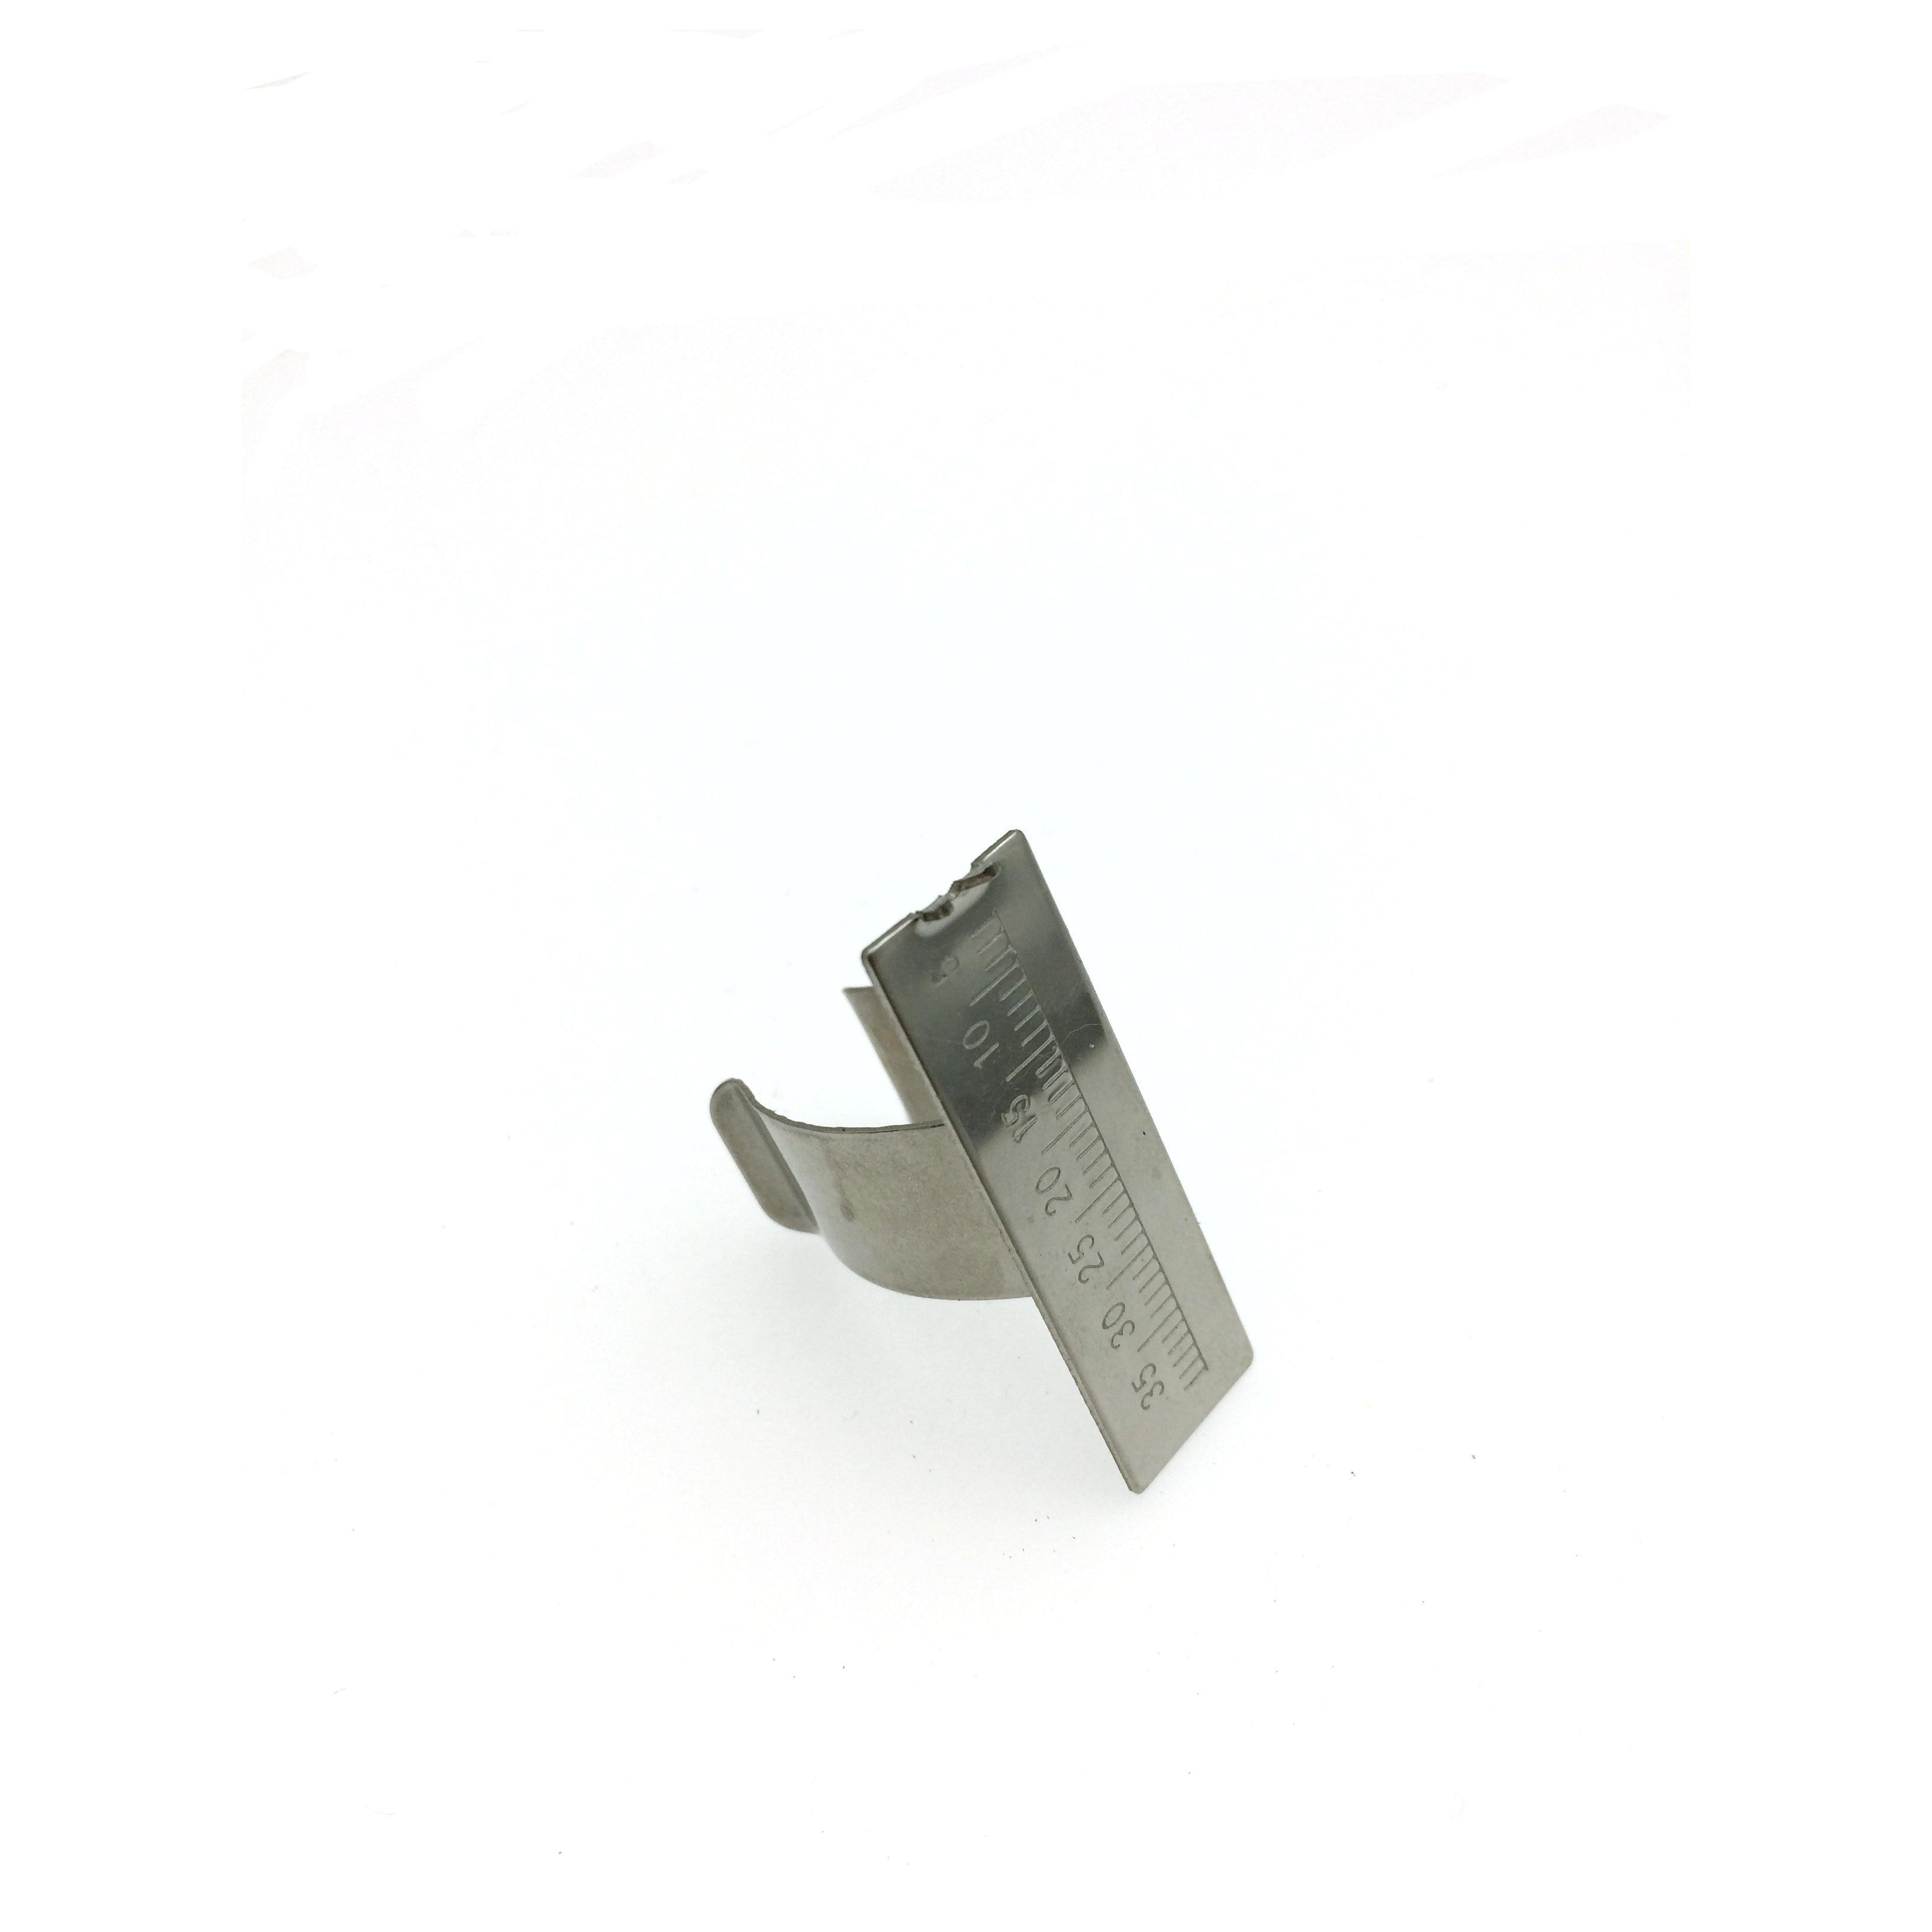 1ks zubního rozpětí měříme měřítko endodontického nástroje prstu pravítka